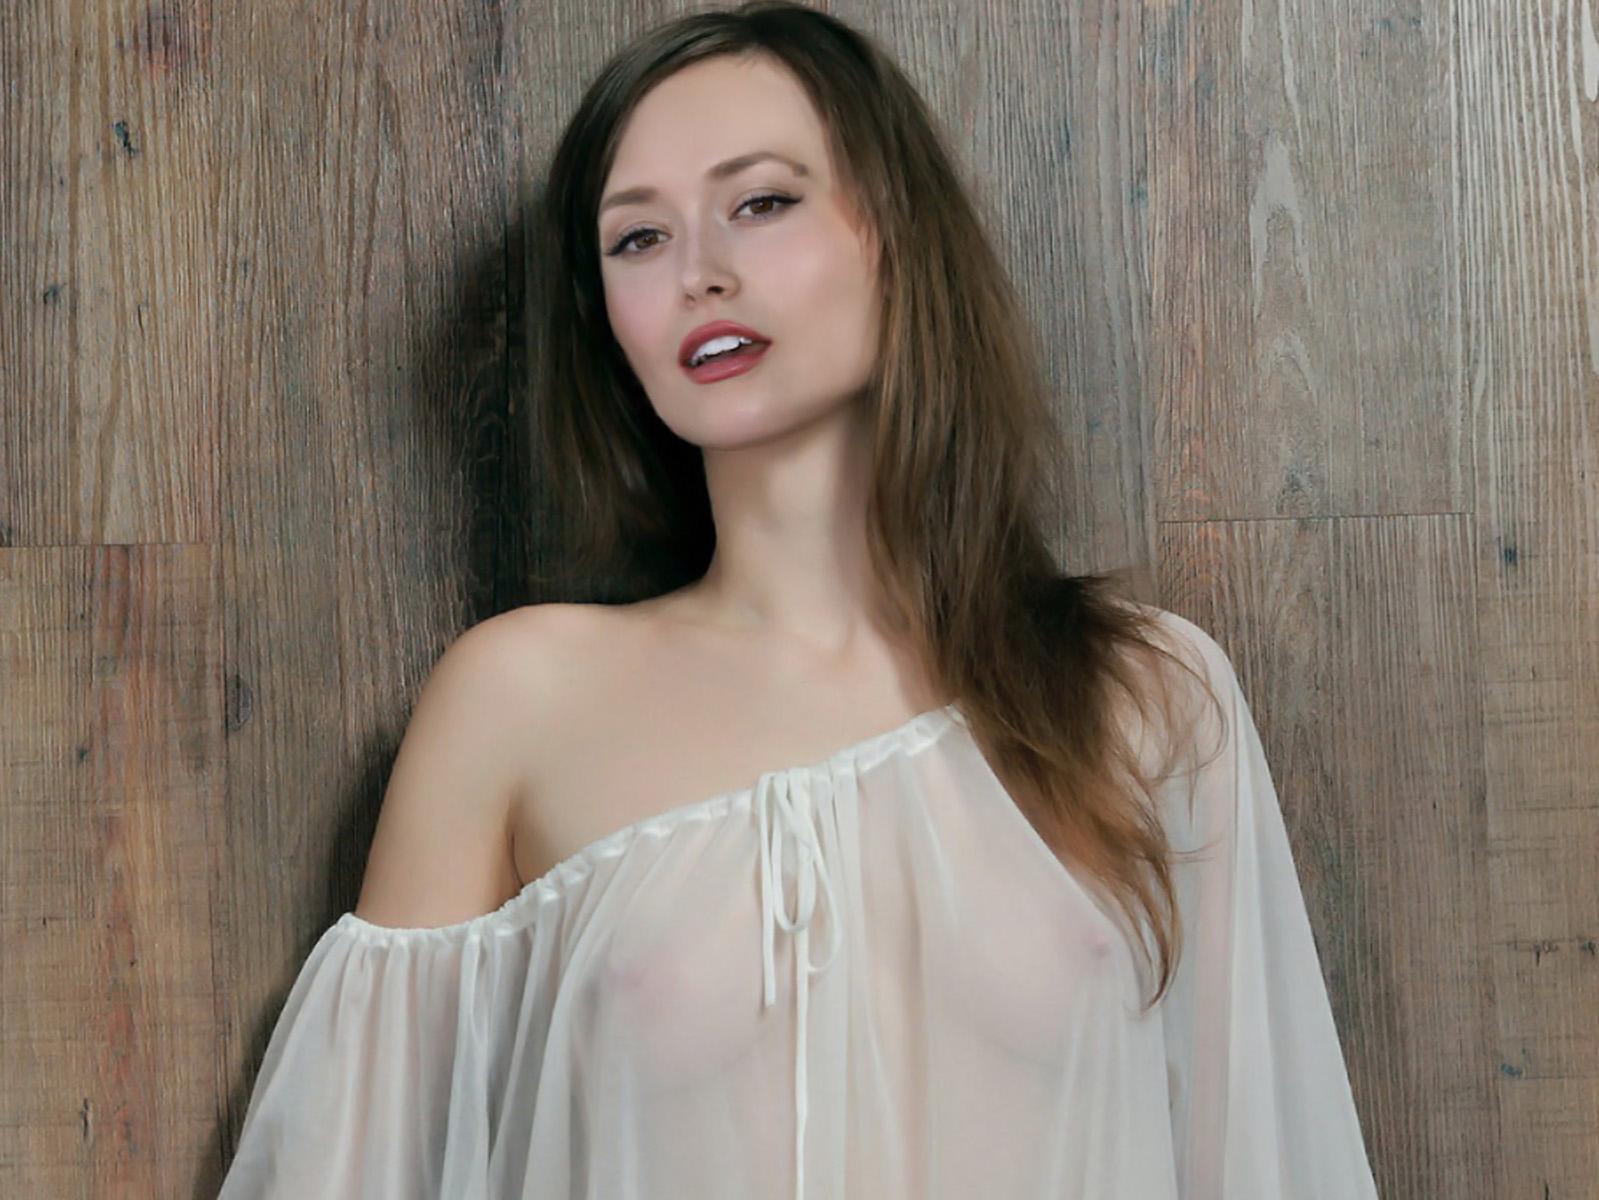 Summer Glau nude Playboy